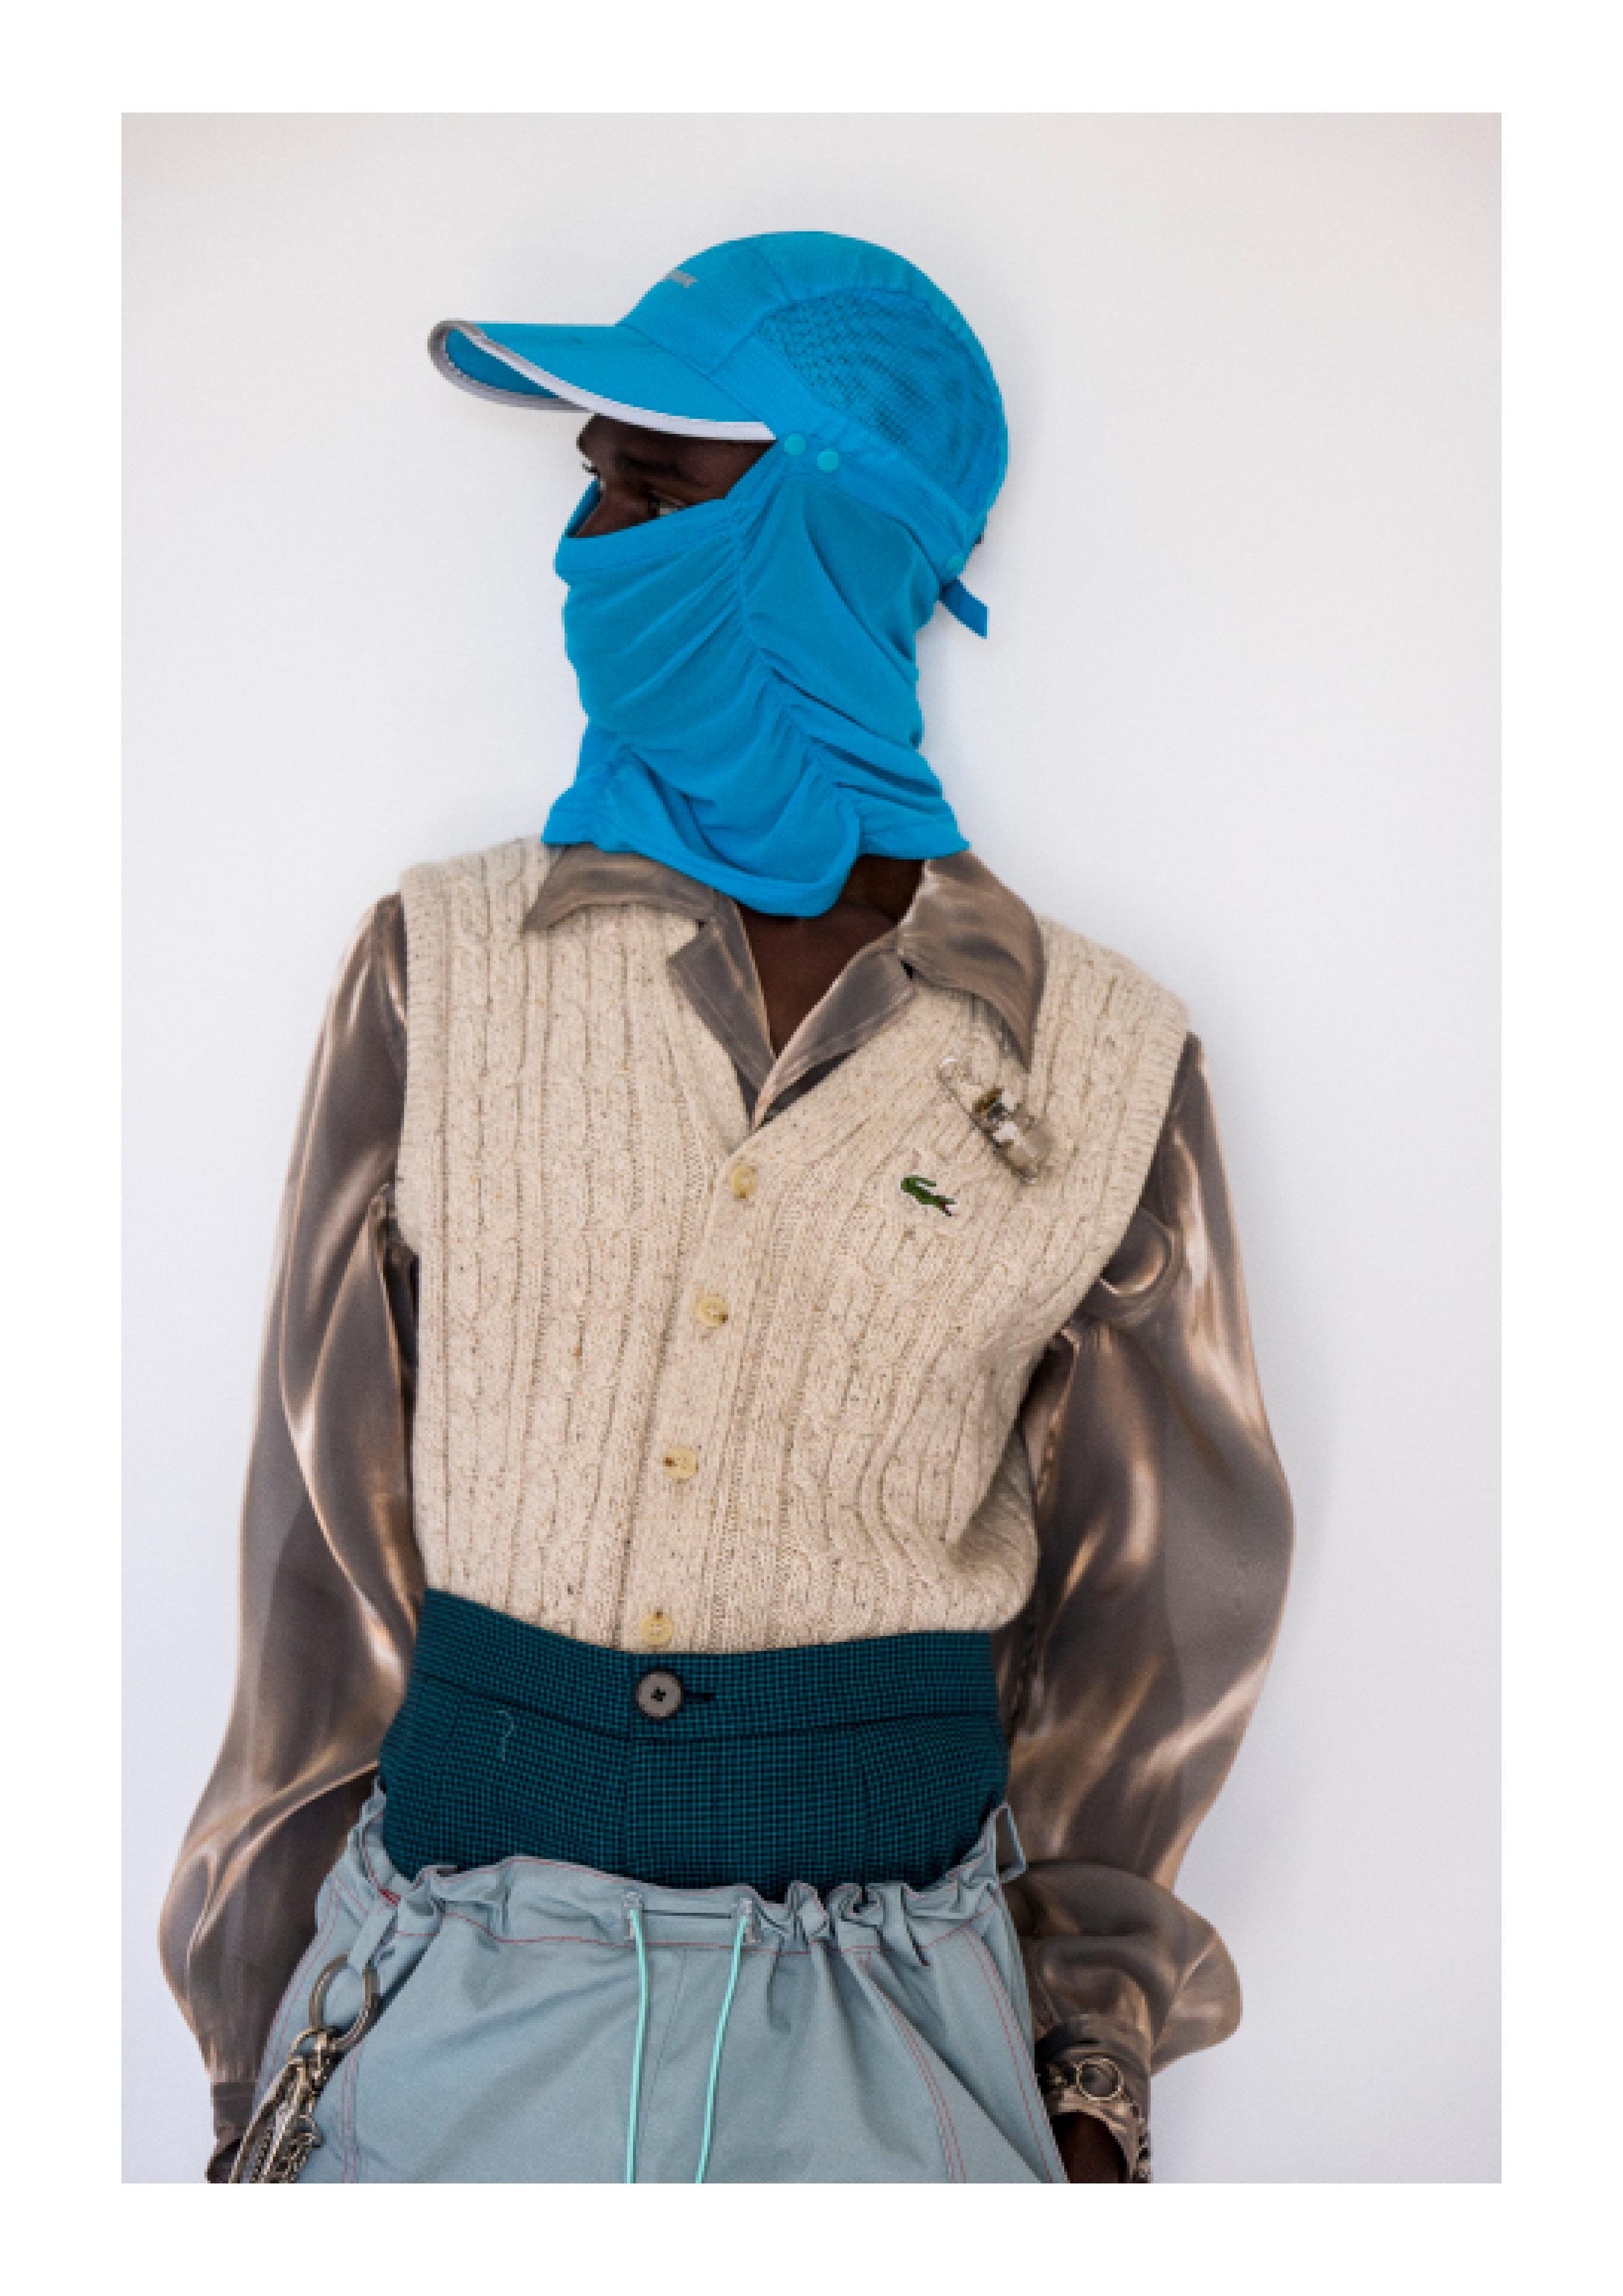 Shirt & Pants - Necessity Sense, Vest - Lacoste, Key Chain - Burberry